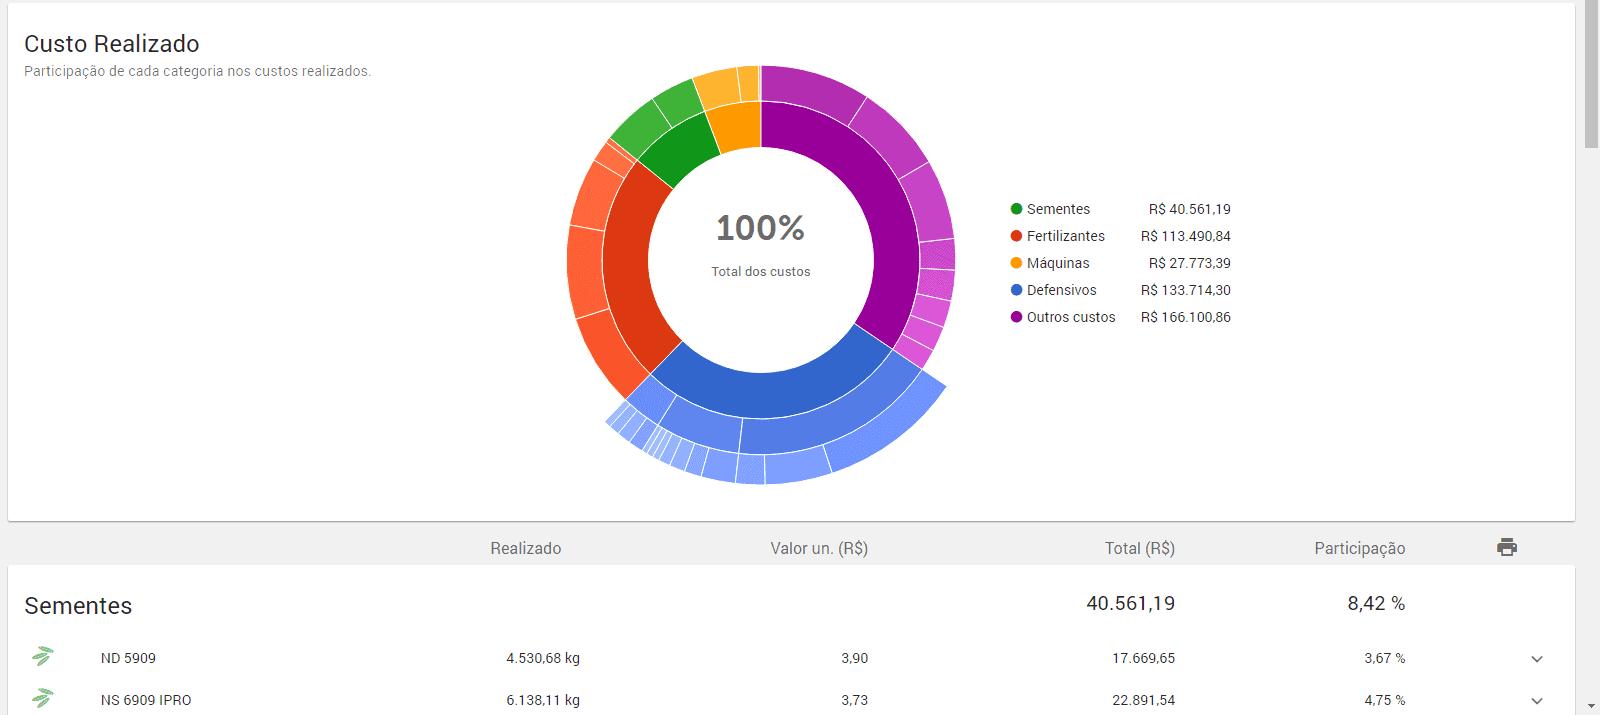 captura de tela de custo realizado no sistema de gestão rural Aegro